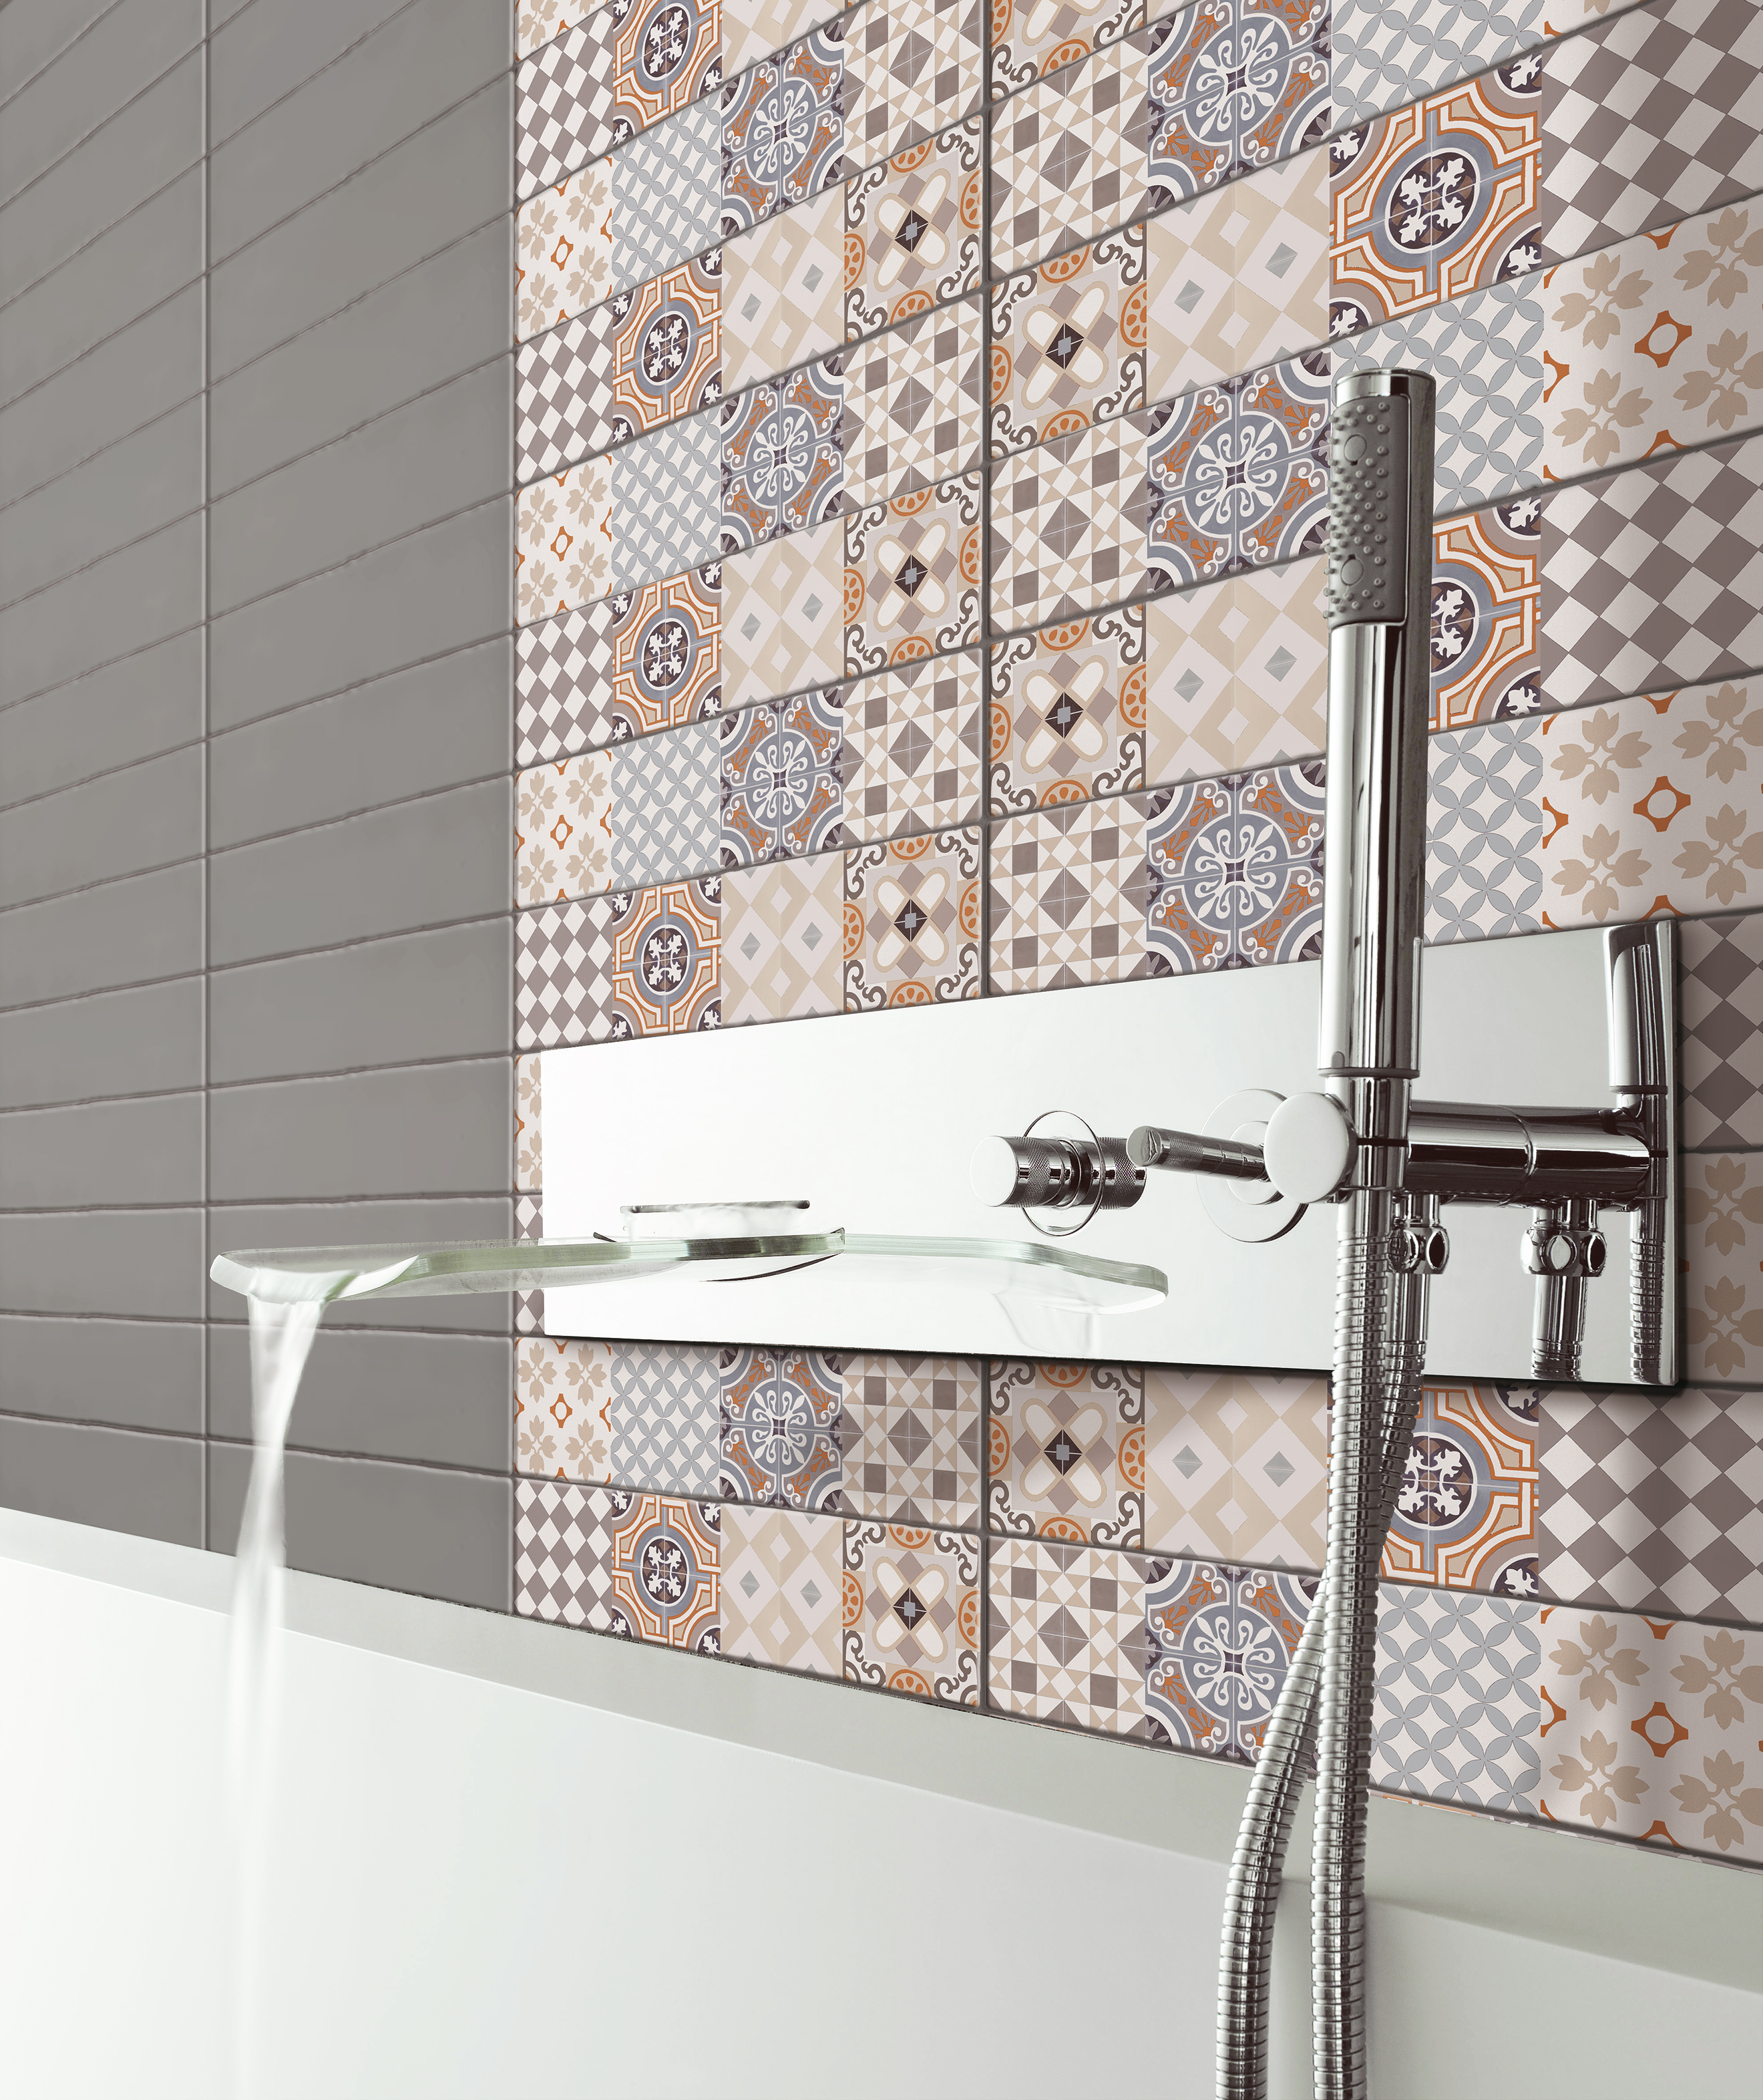 Renovar las paredes de la sala de ba o azulejos pe a - Ceramicas para el bano ...